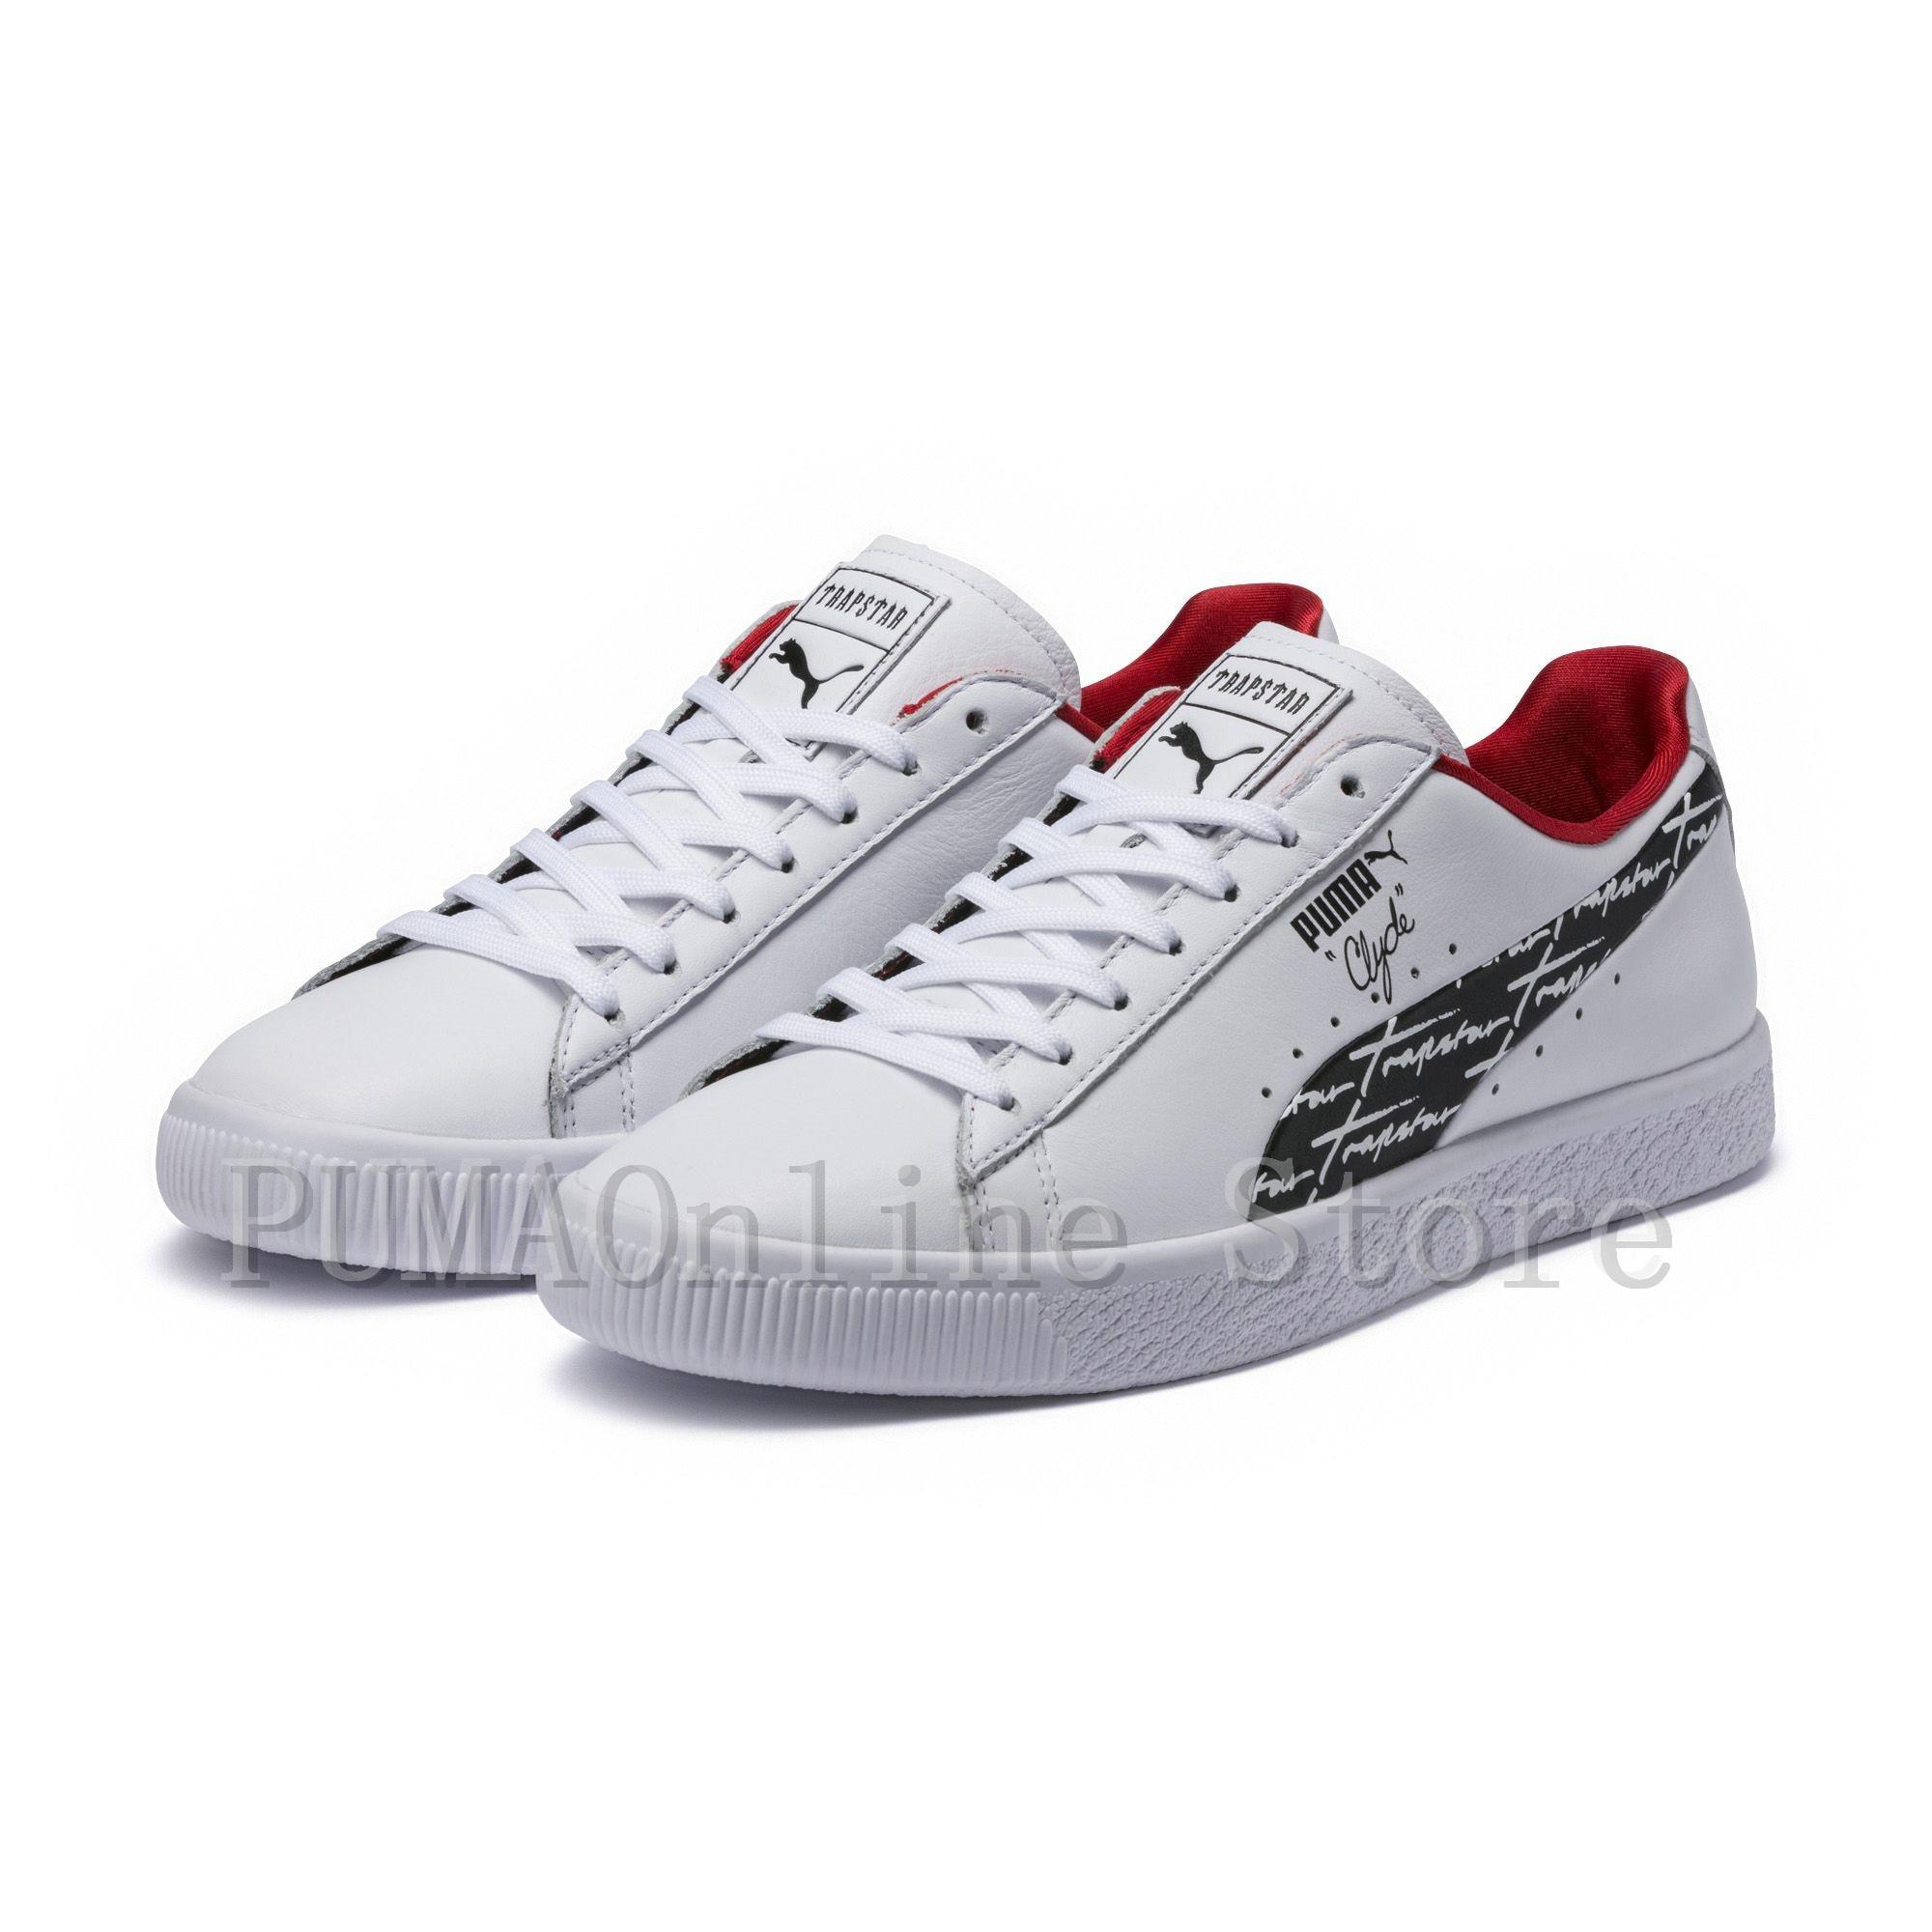 2018 Puma x TRAPSTAR Clyde Core L Foil JR Men s and Women s Sneaker  Badminton Shoes Size 36-44 e1ec7f183